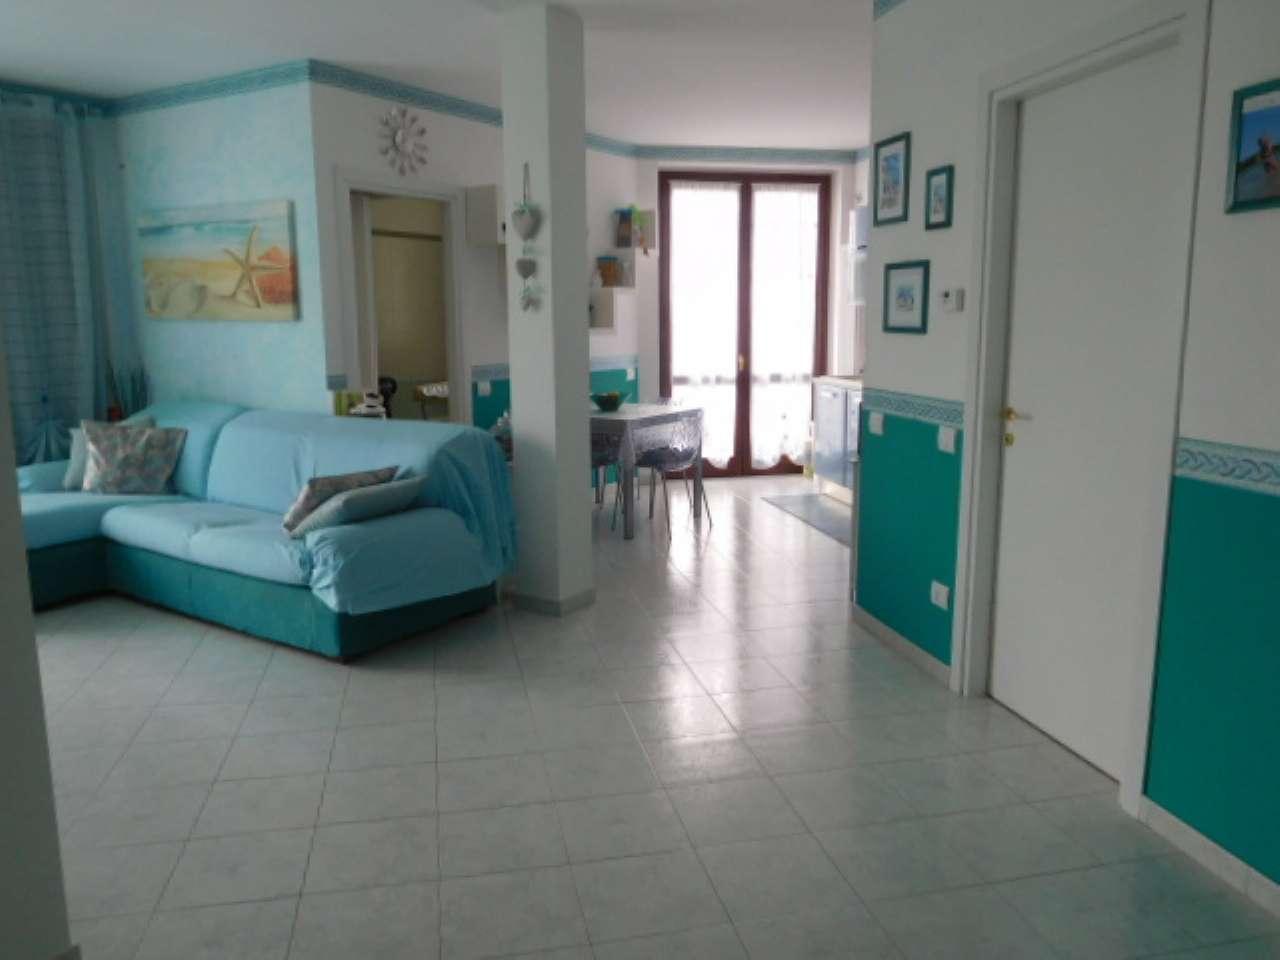 Appartamento in vendita a Certosa di Pavia, 2 locali, prezzo € 115.000 | CambioCasa.it